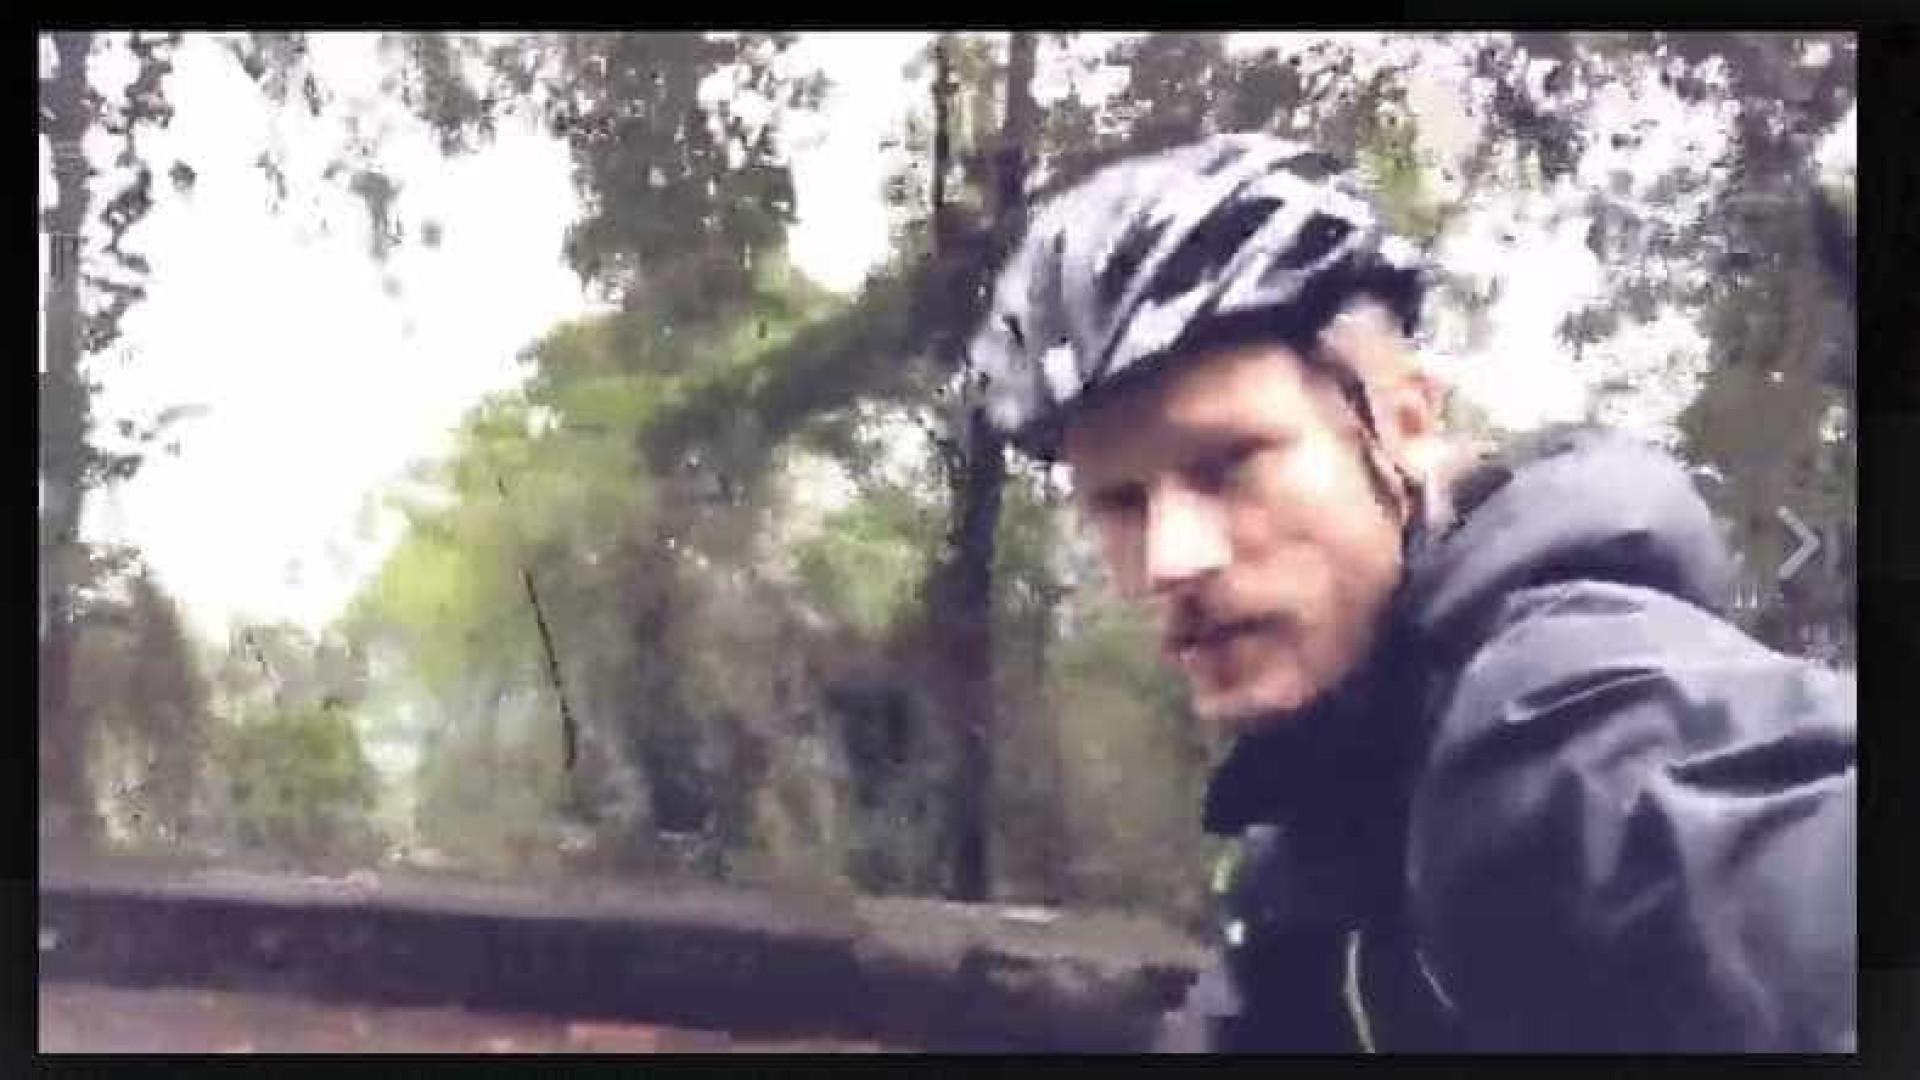 Hilbert pedala 300km de madrugada em treino para prova de ciclismo